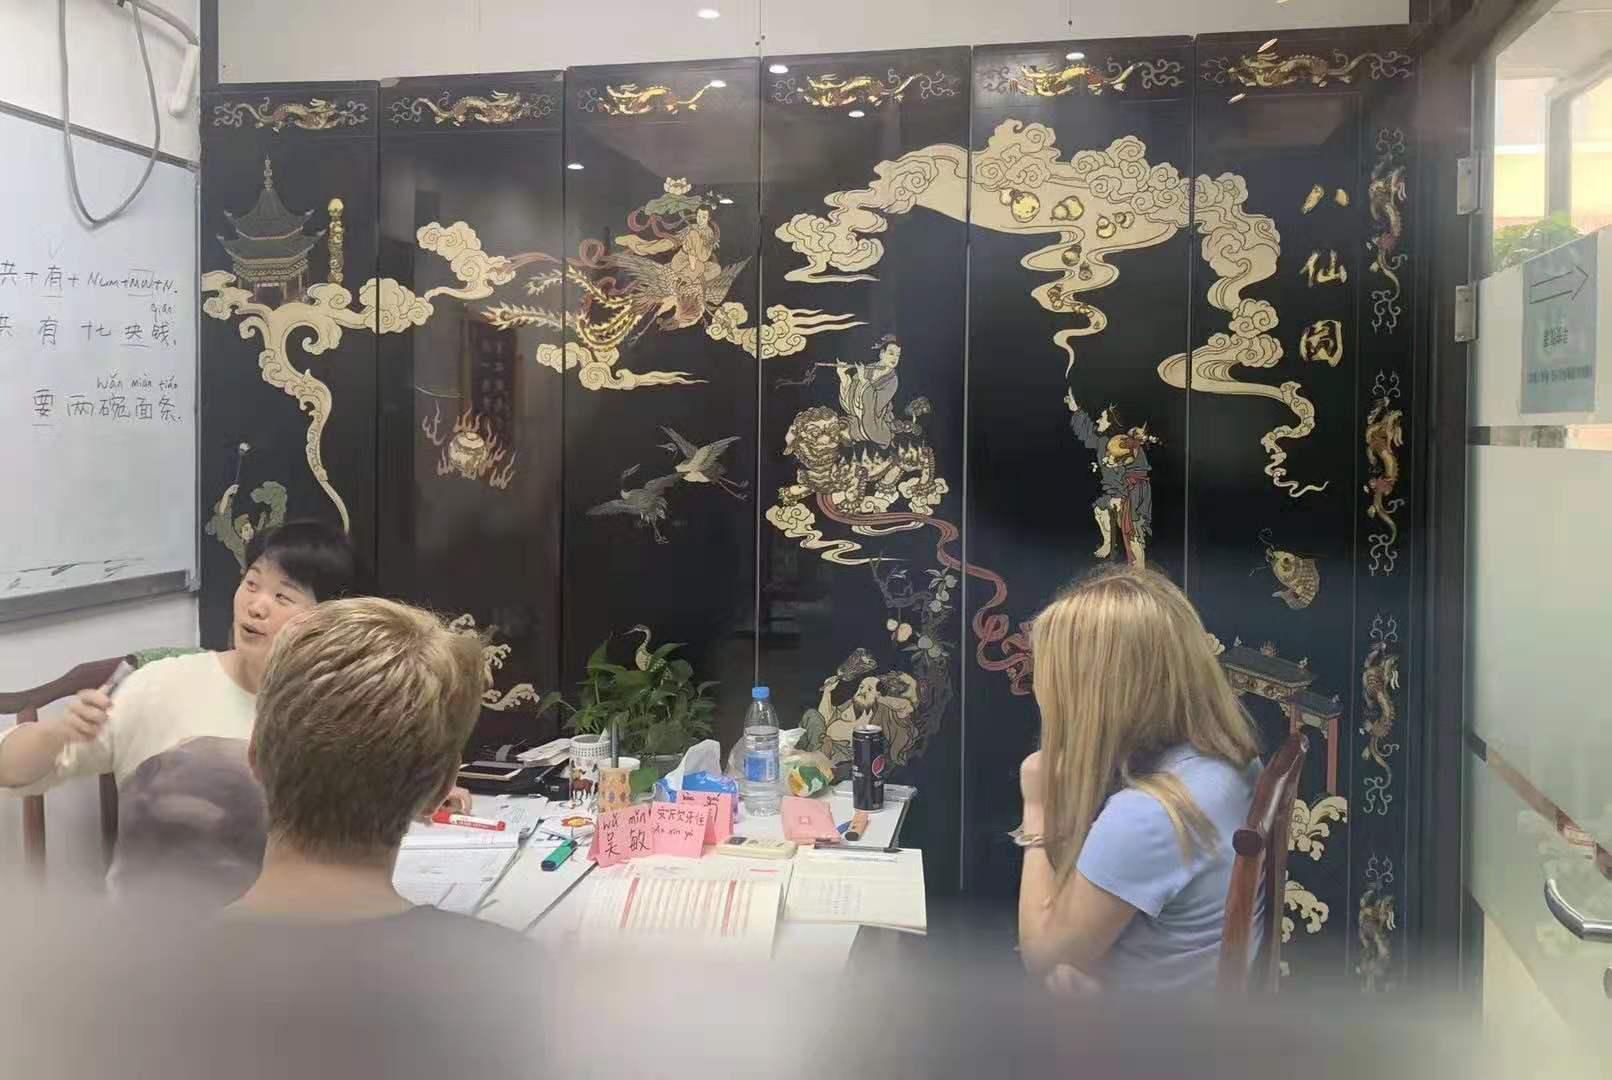 国内汉语培训学校哪个好来静安寺了解吧